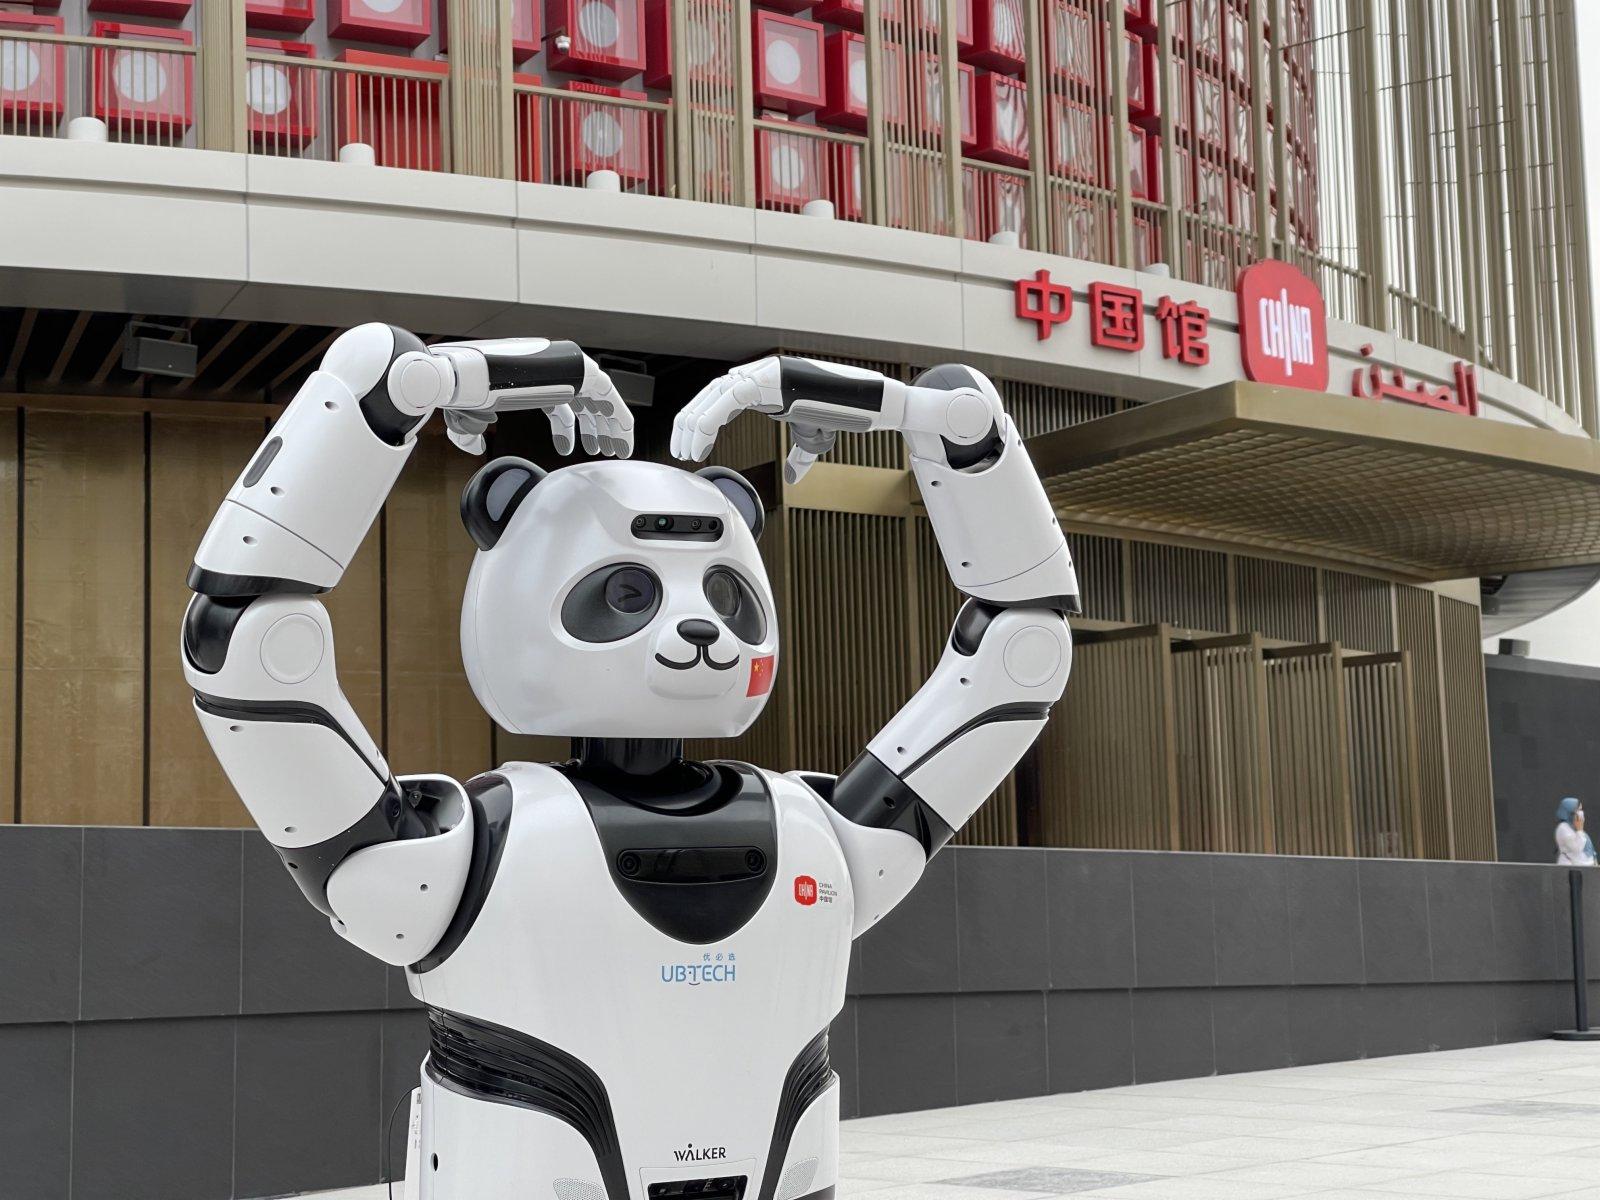 10月4日,在阿拉伯聯合酋長國迪拜,熊貓機器人在迪拜世博會中國館外表演。